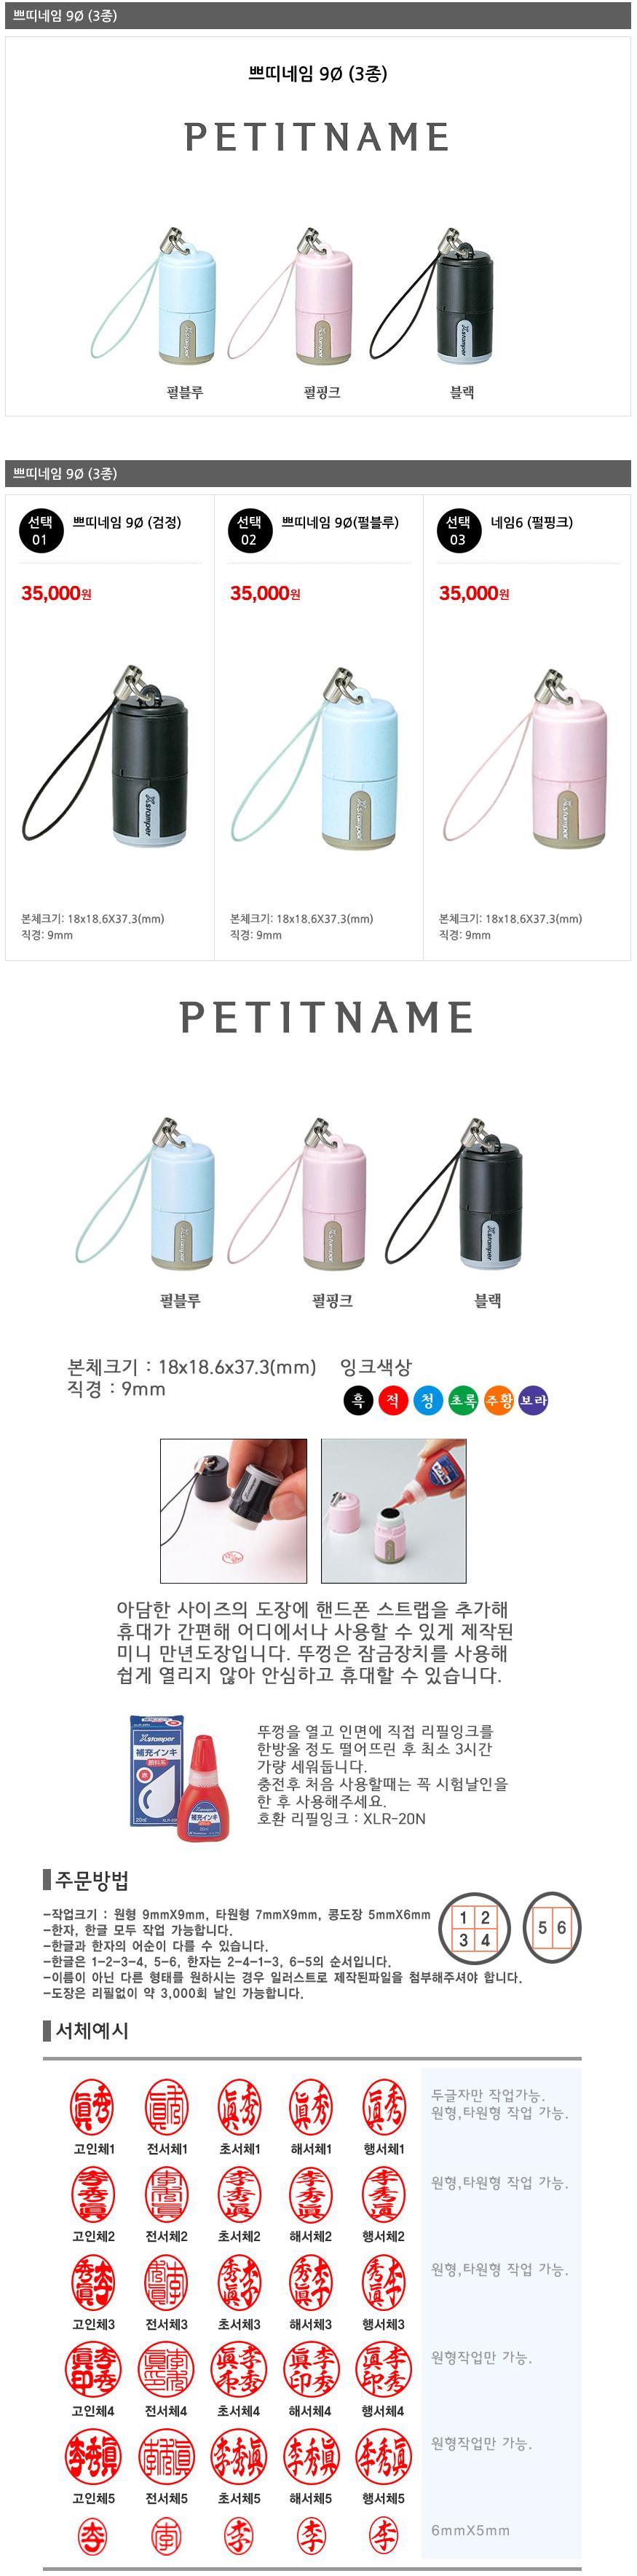 쁘띠네임 9(3종) 사치하타 - 이름새김도장, 35,000원, 스탬프, 주문제작스탬프